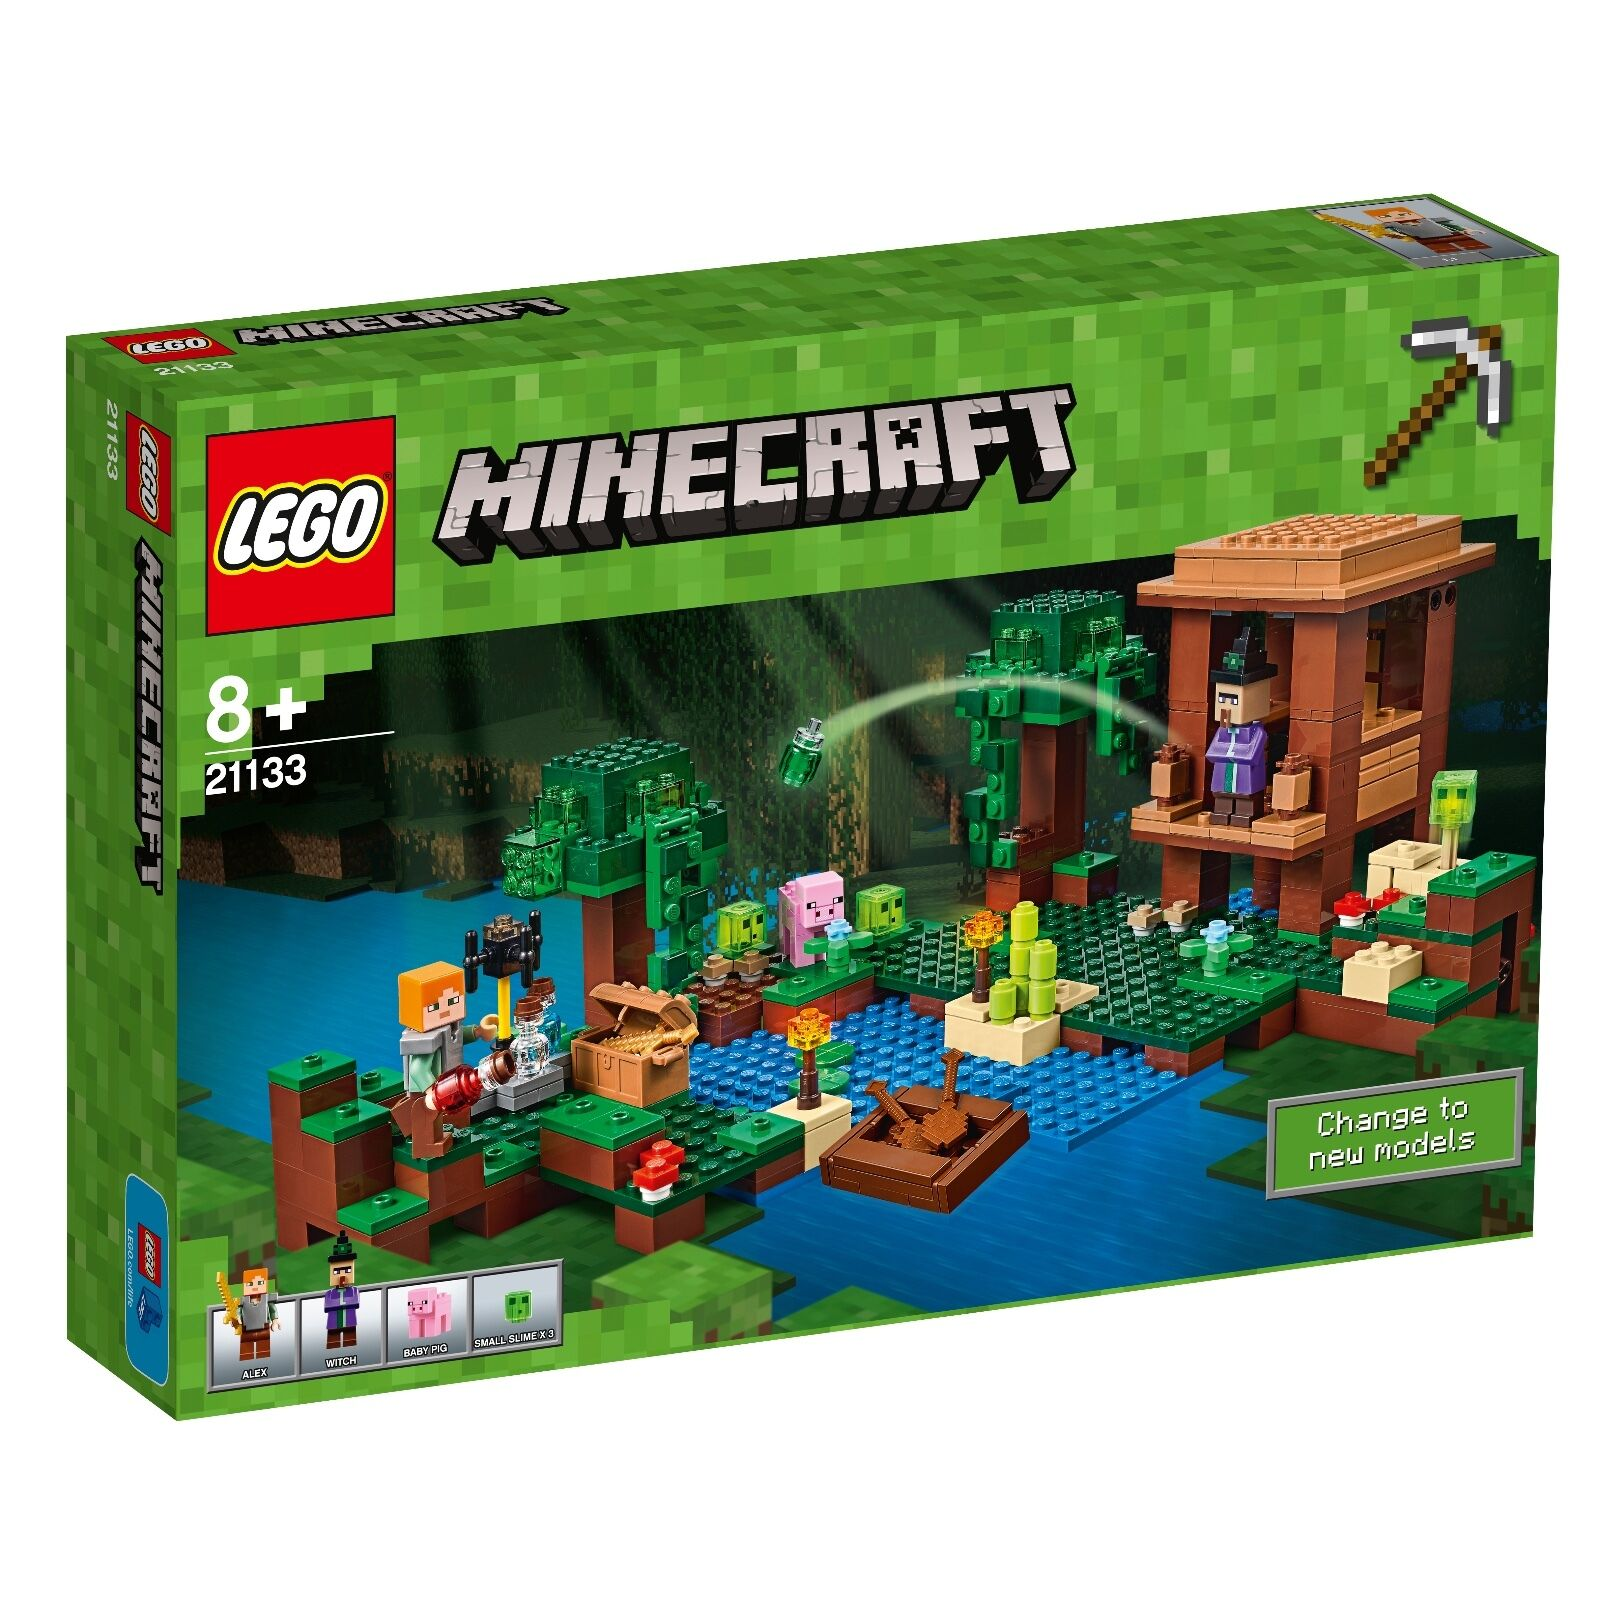 LEGO ® Minecraft ™ 21133 la fée Neuf neuf dans sa boîte _ The Witch Chapeau NEW En parfait état, dans sa boîte scellée Boîte d'origine jamais ouverte